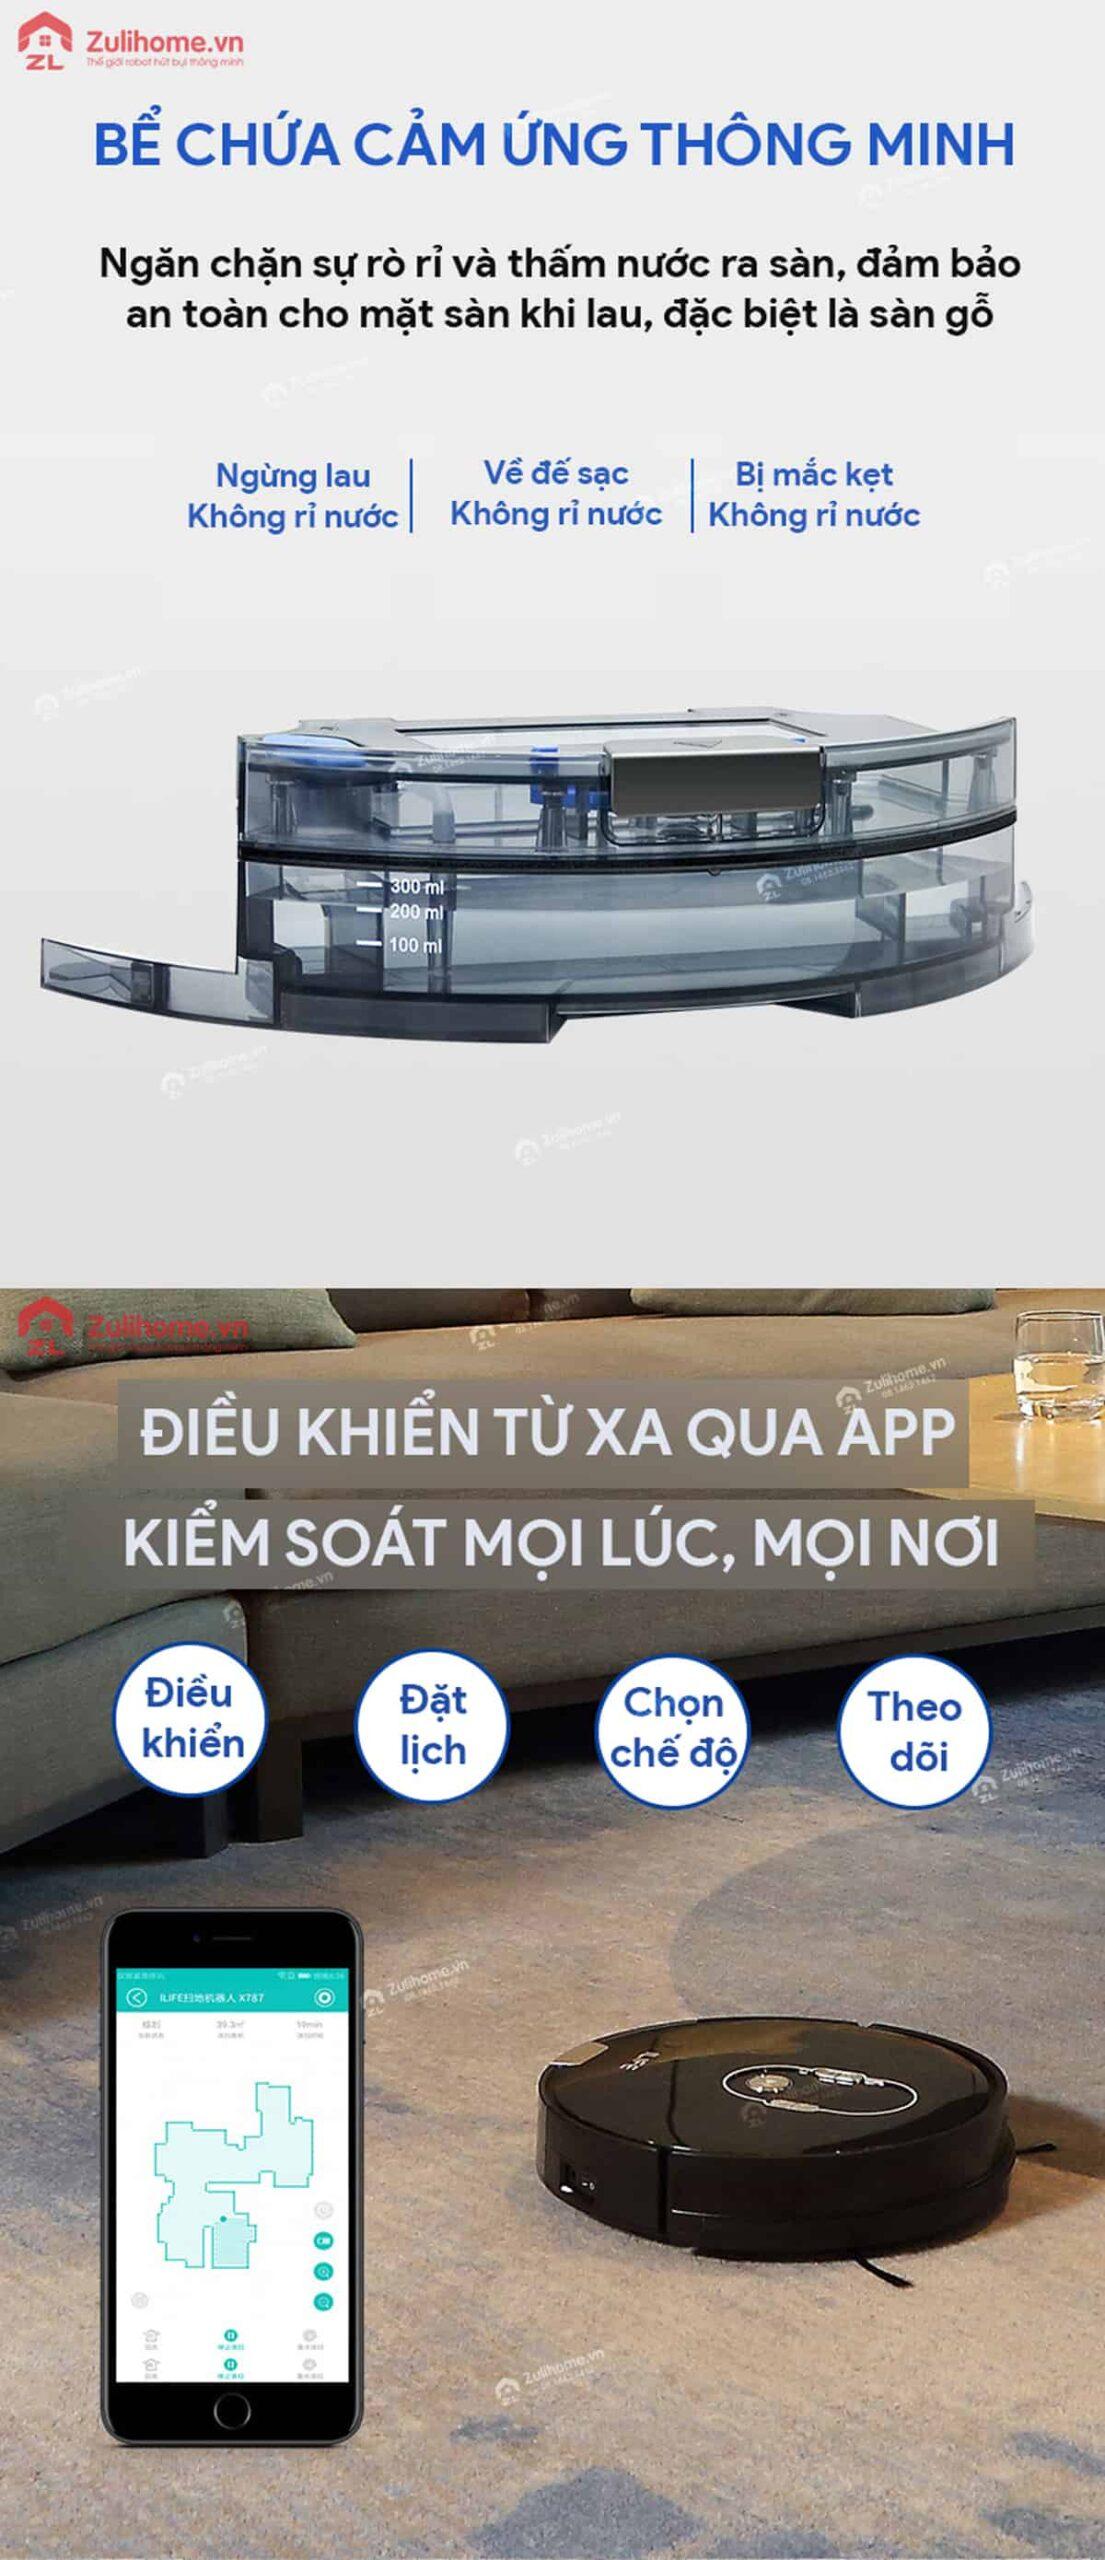 ILIFE X787 | Bể chứa cảm ứng thông minh